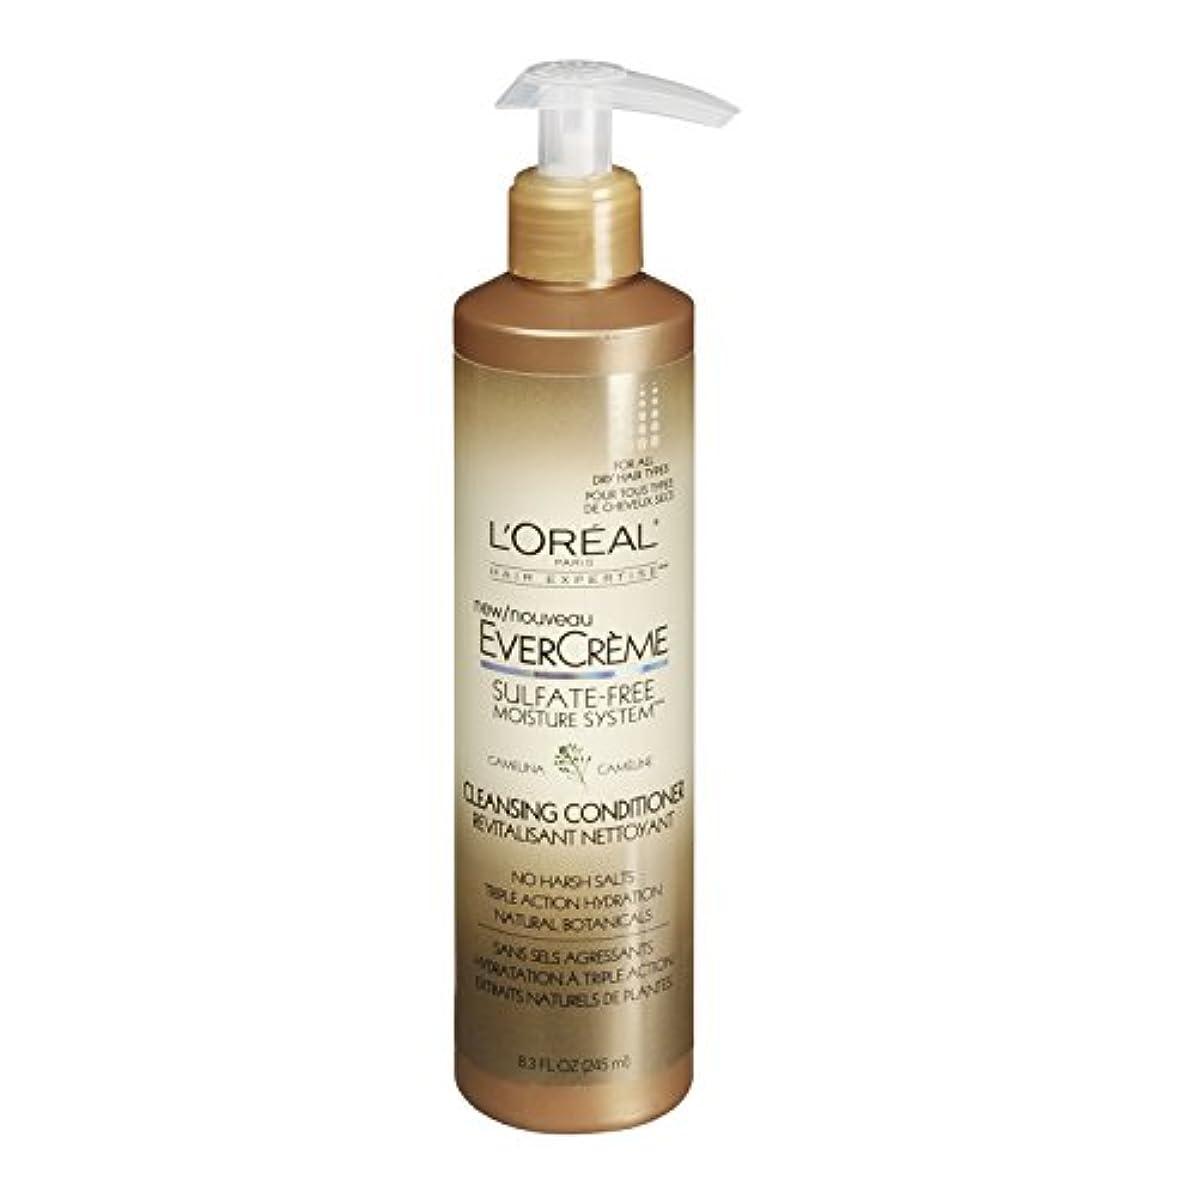 気候の山目立つ必要としているL'Oreal Paris EverCreme Sulfate-Free Moisture System Cleansing Conditioner, 8.3 fl. Oz. by L'Oreal Paris Hair...